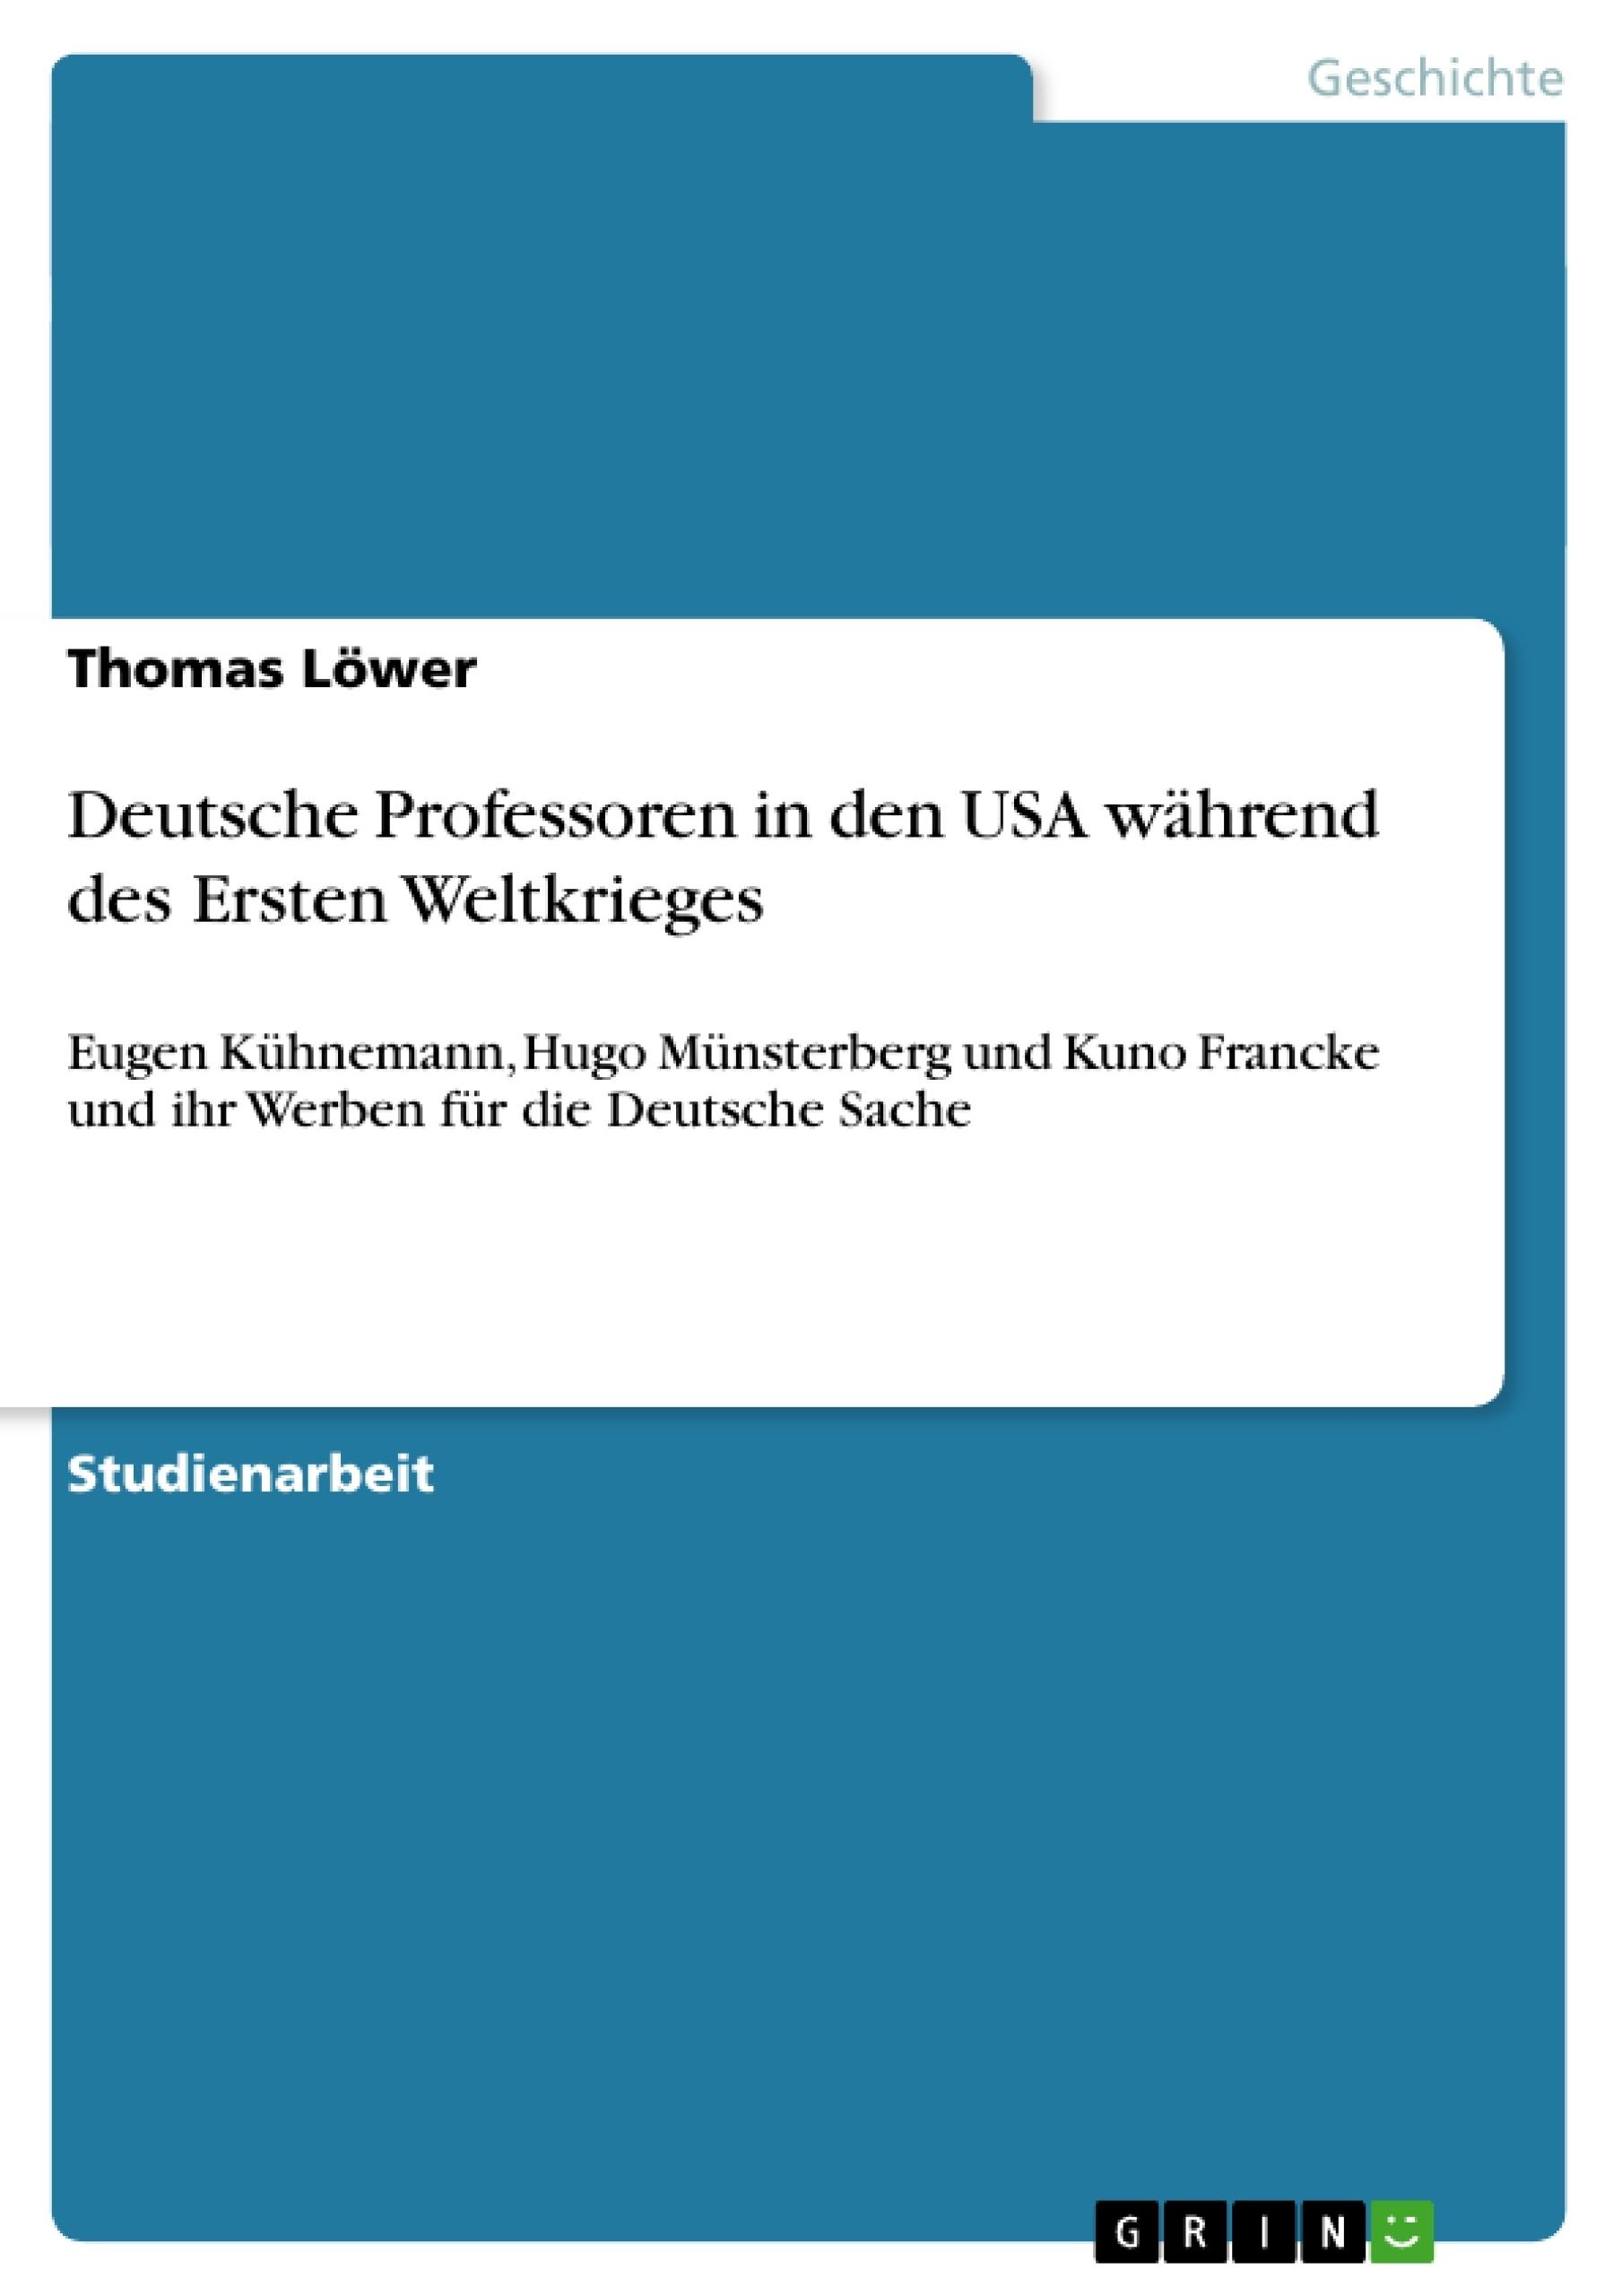 Titel: Deutsche Professoren in den USA während des Ersten Weltkrieges